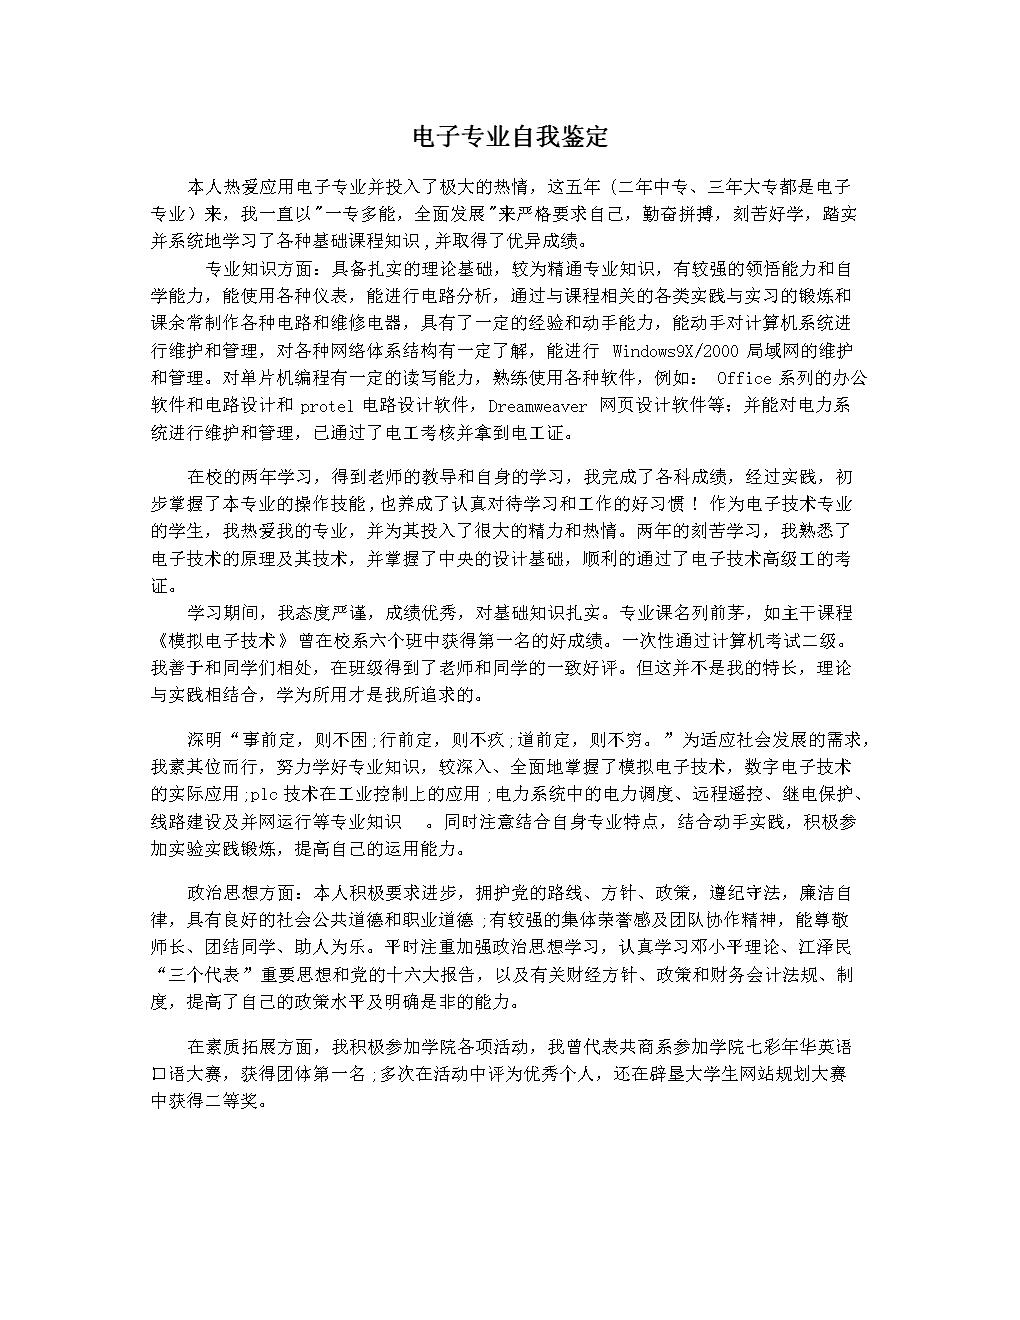 电子专业自我鉴定.docx